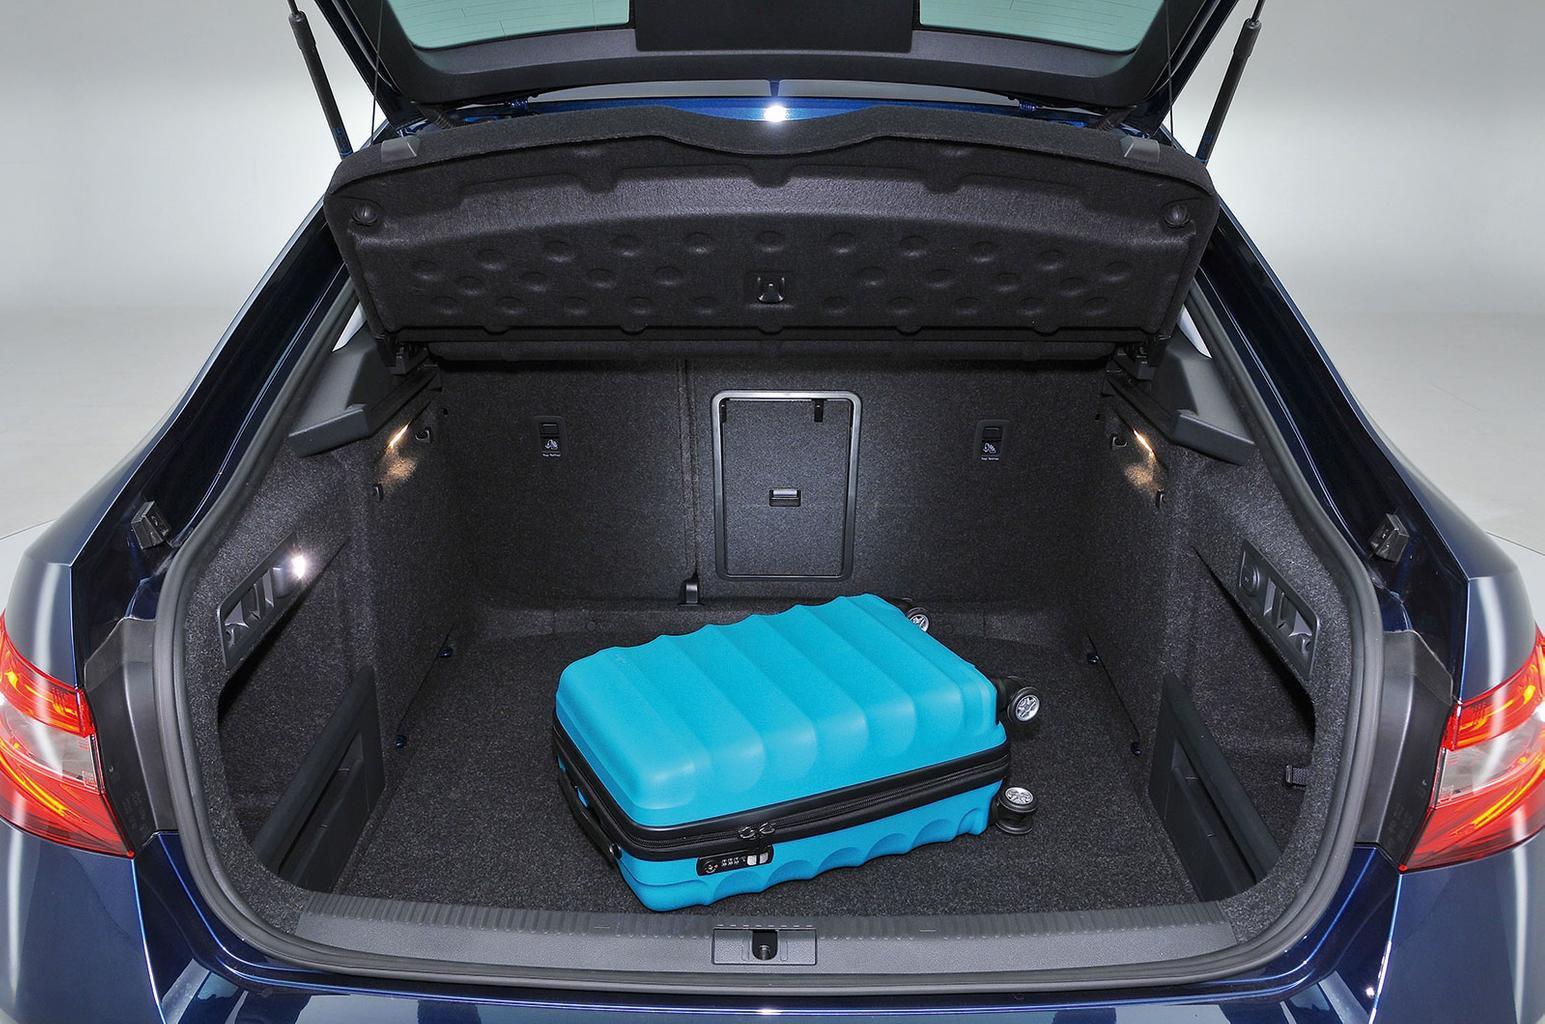 Skoda Superb rear backrest levers